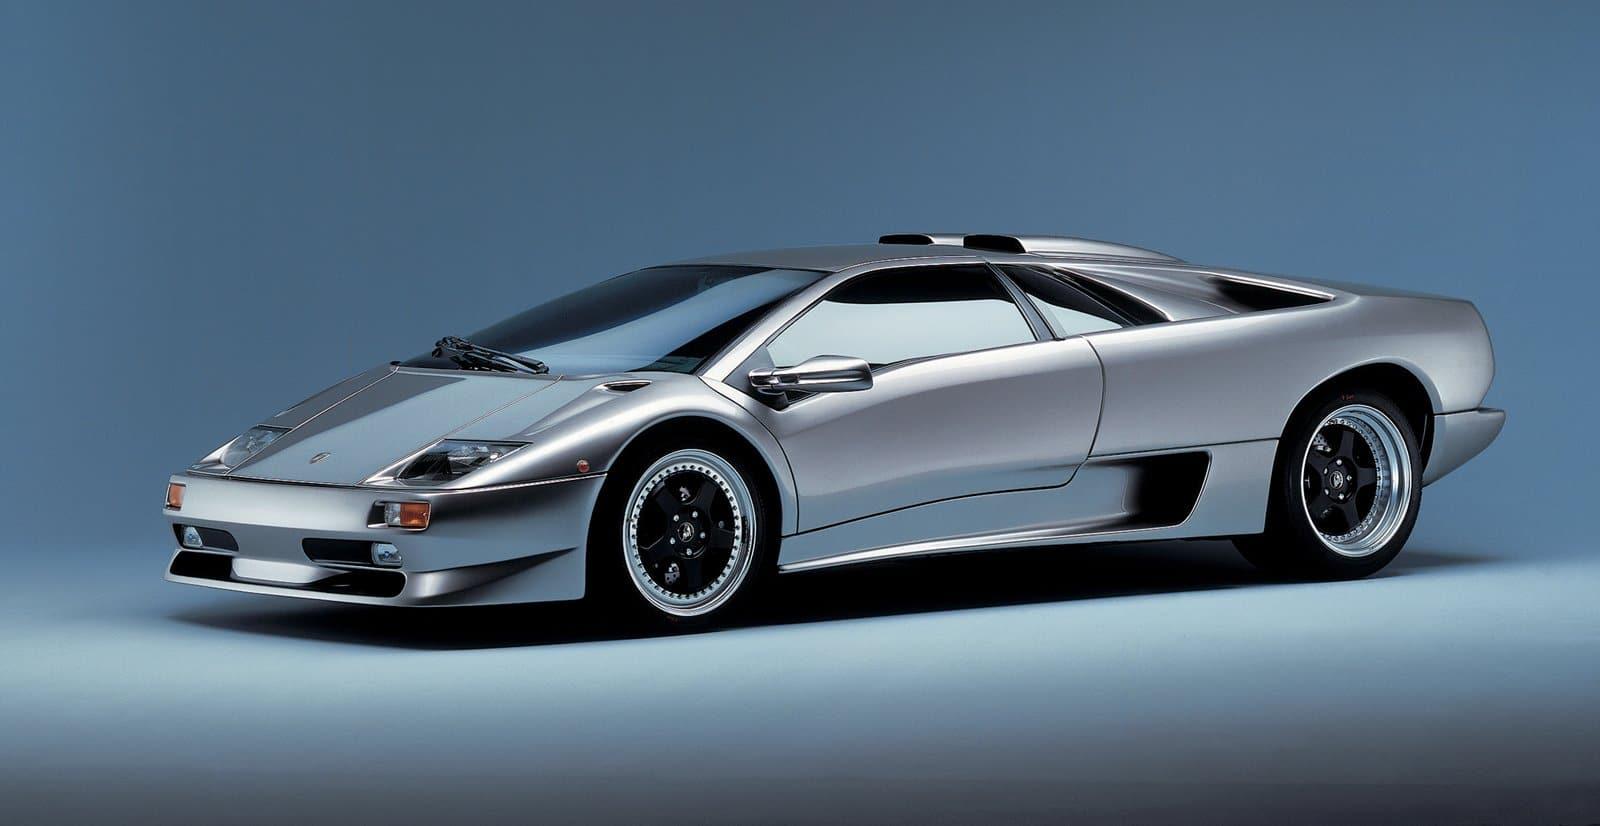 Diablo con motor V12 de Lamborghini